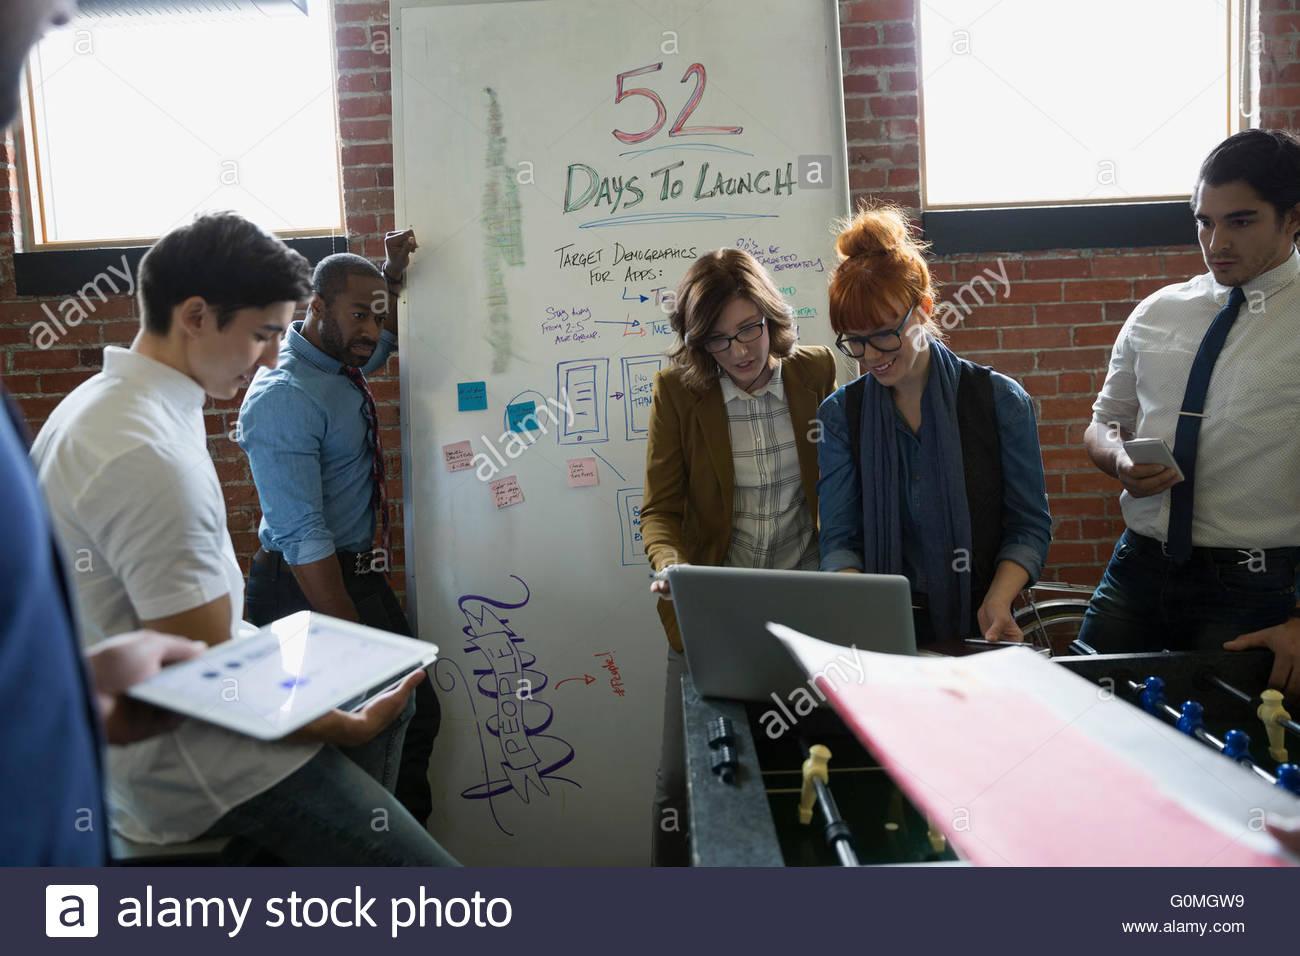 Brainstorming Entrepreneurs in office Photo Stock